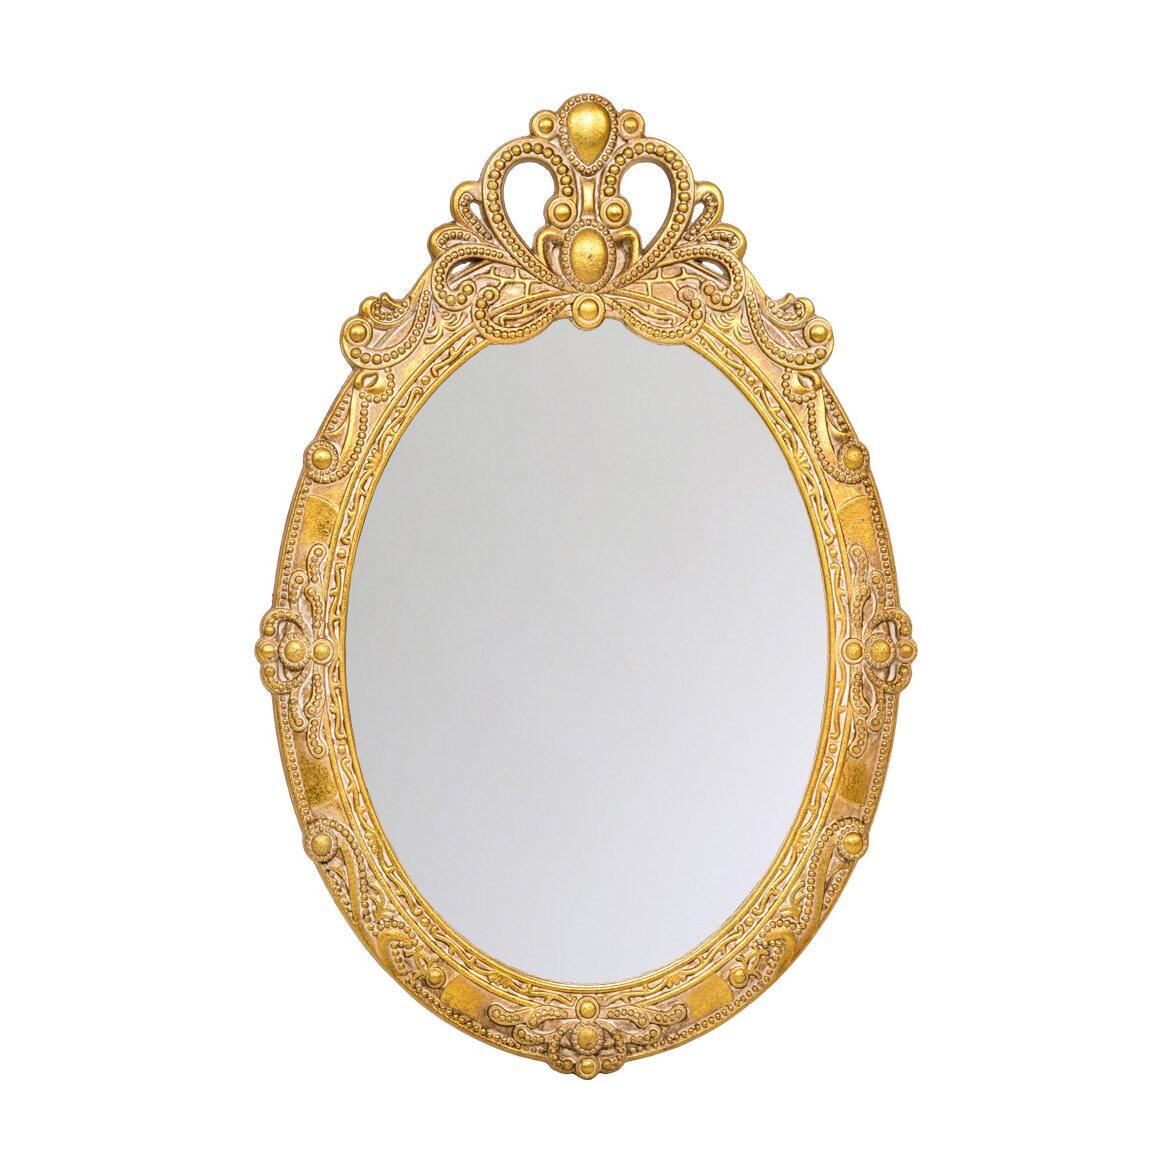 Настенное зеркало «Пальметто» | Настенные зеркала Kingsby